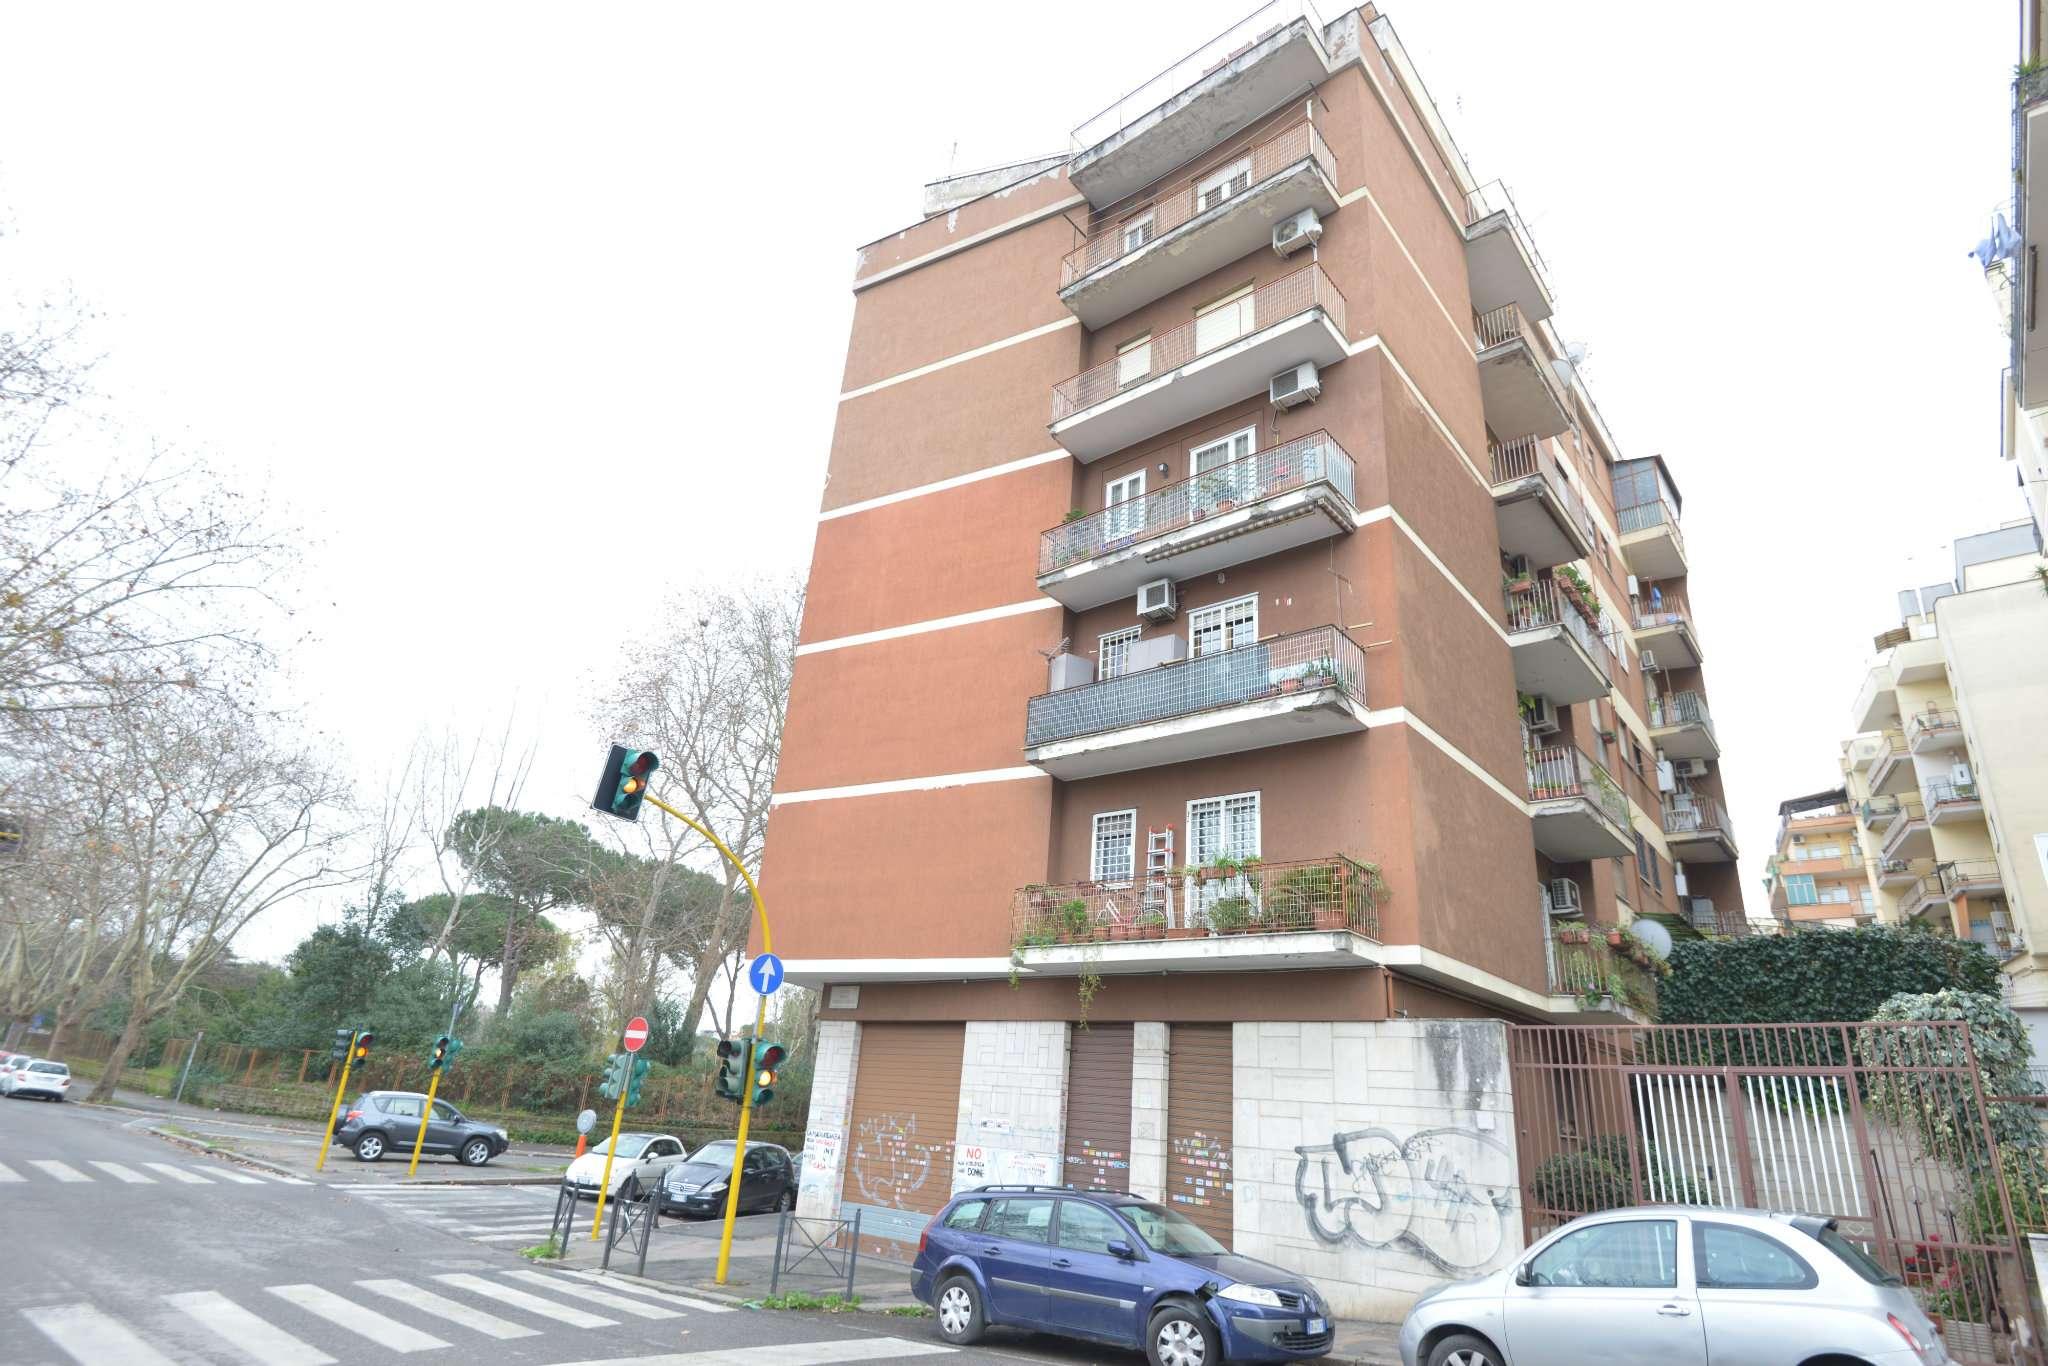 Appartamento in vendita a Roma, 9999 locali, zona Zona: 9 . Prenestino, Collatino, Tor Sapienza, Torre Spaccata, Tor Tre Teste, Torre Maura, prezzo € 163.000   CambioCasa.it